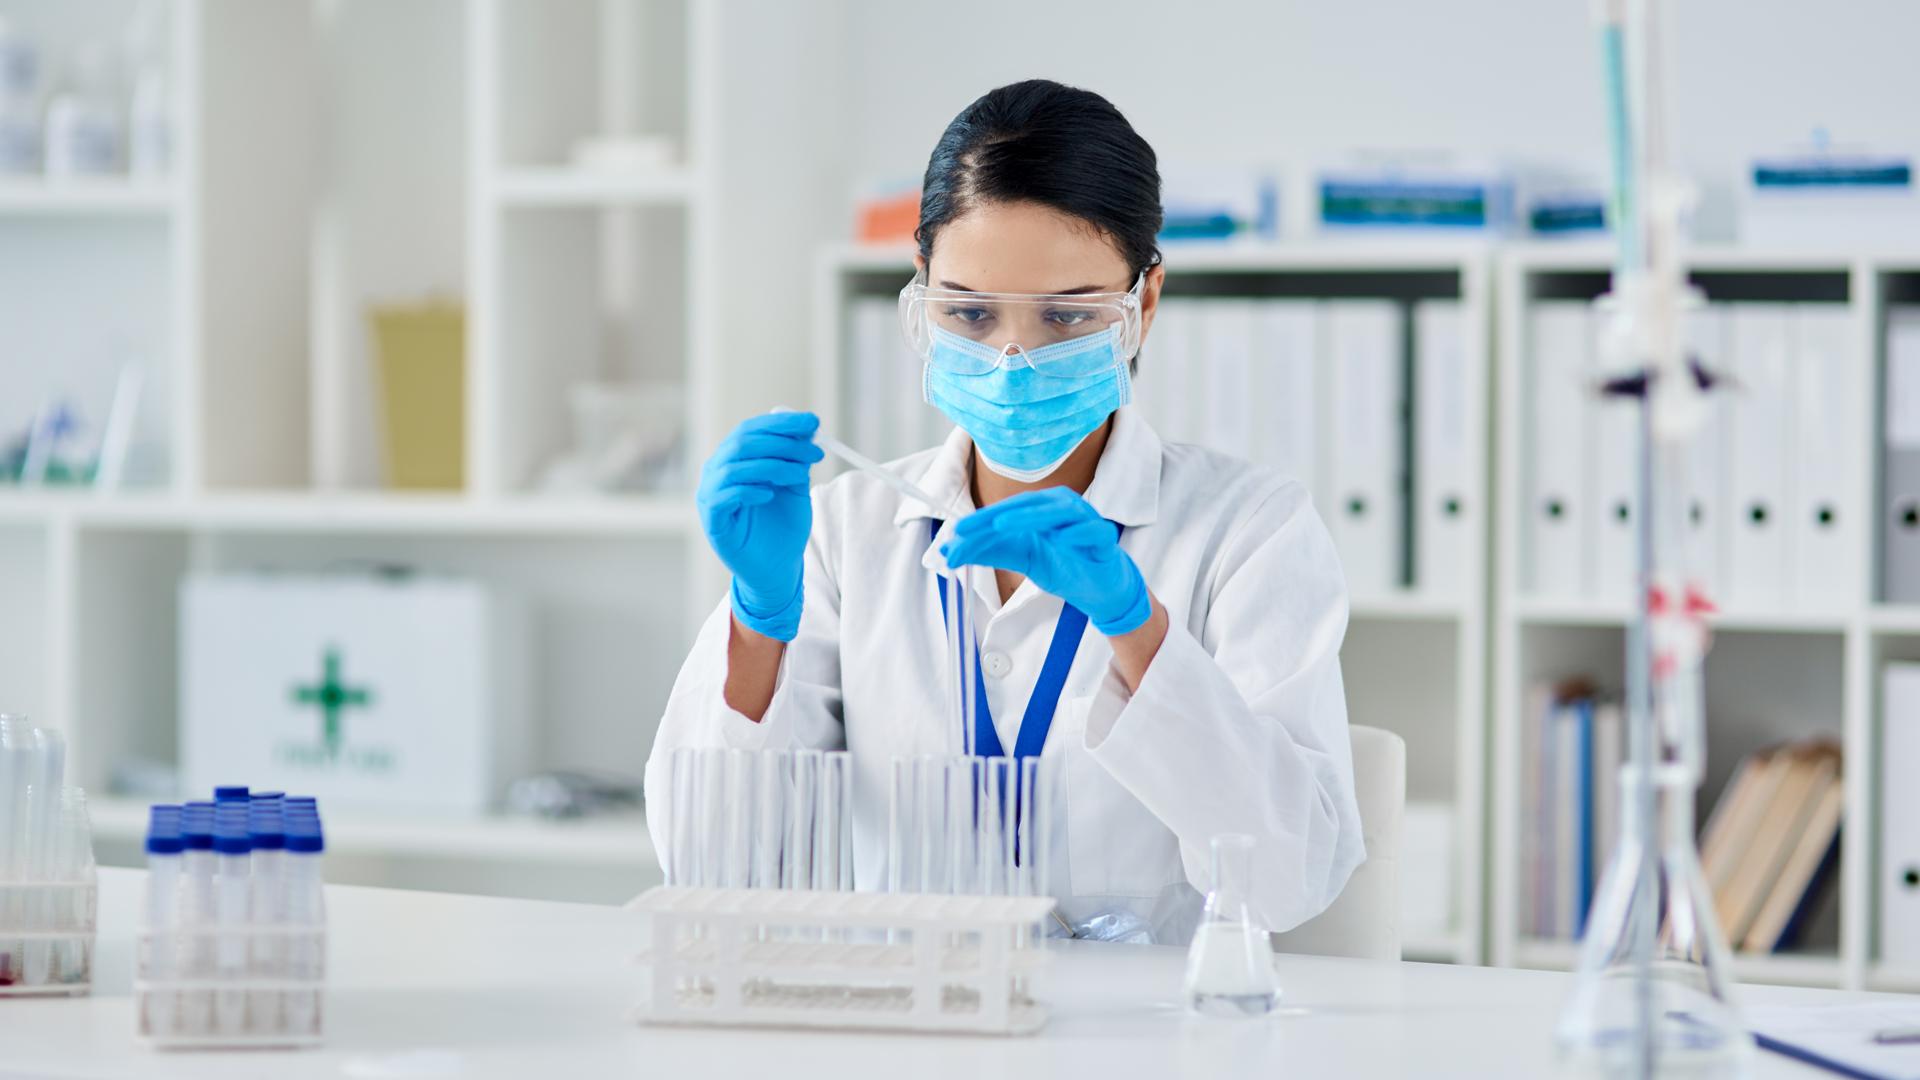 В России готовятся к испытаниям вакцины, которая будет защищать одновременно от гриппа и коронавируса